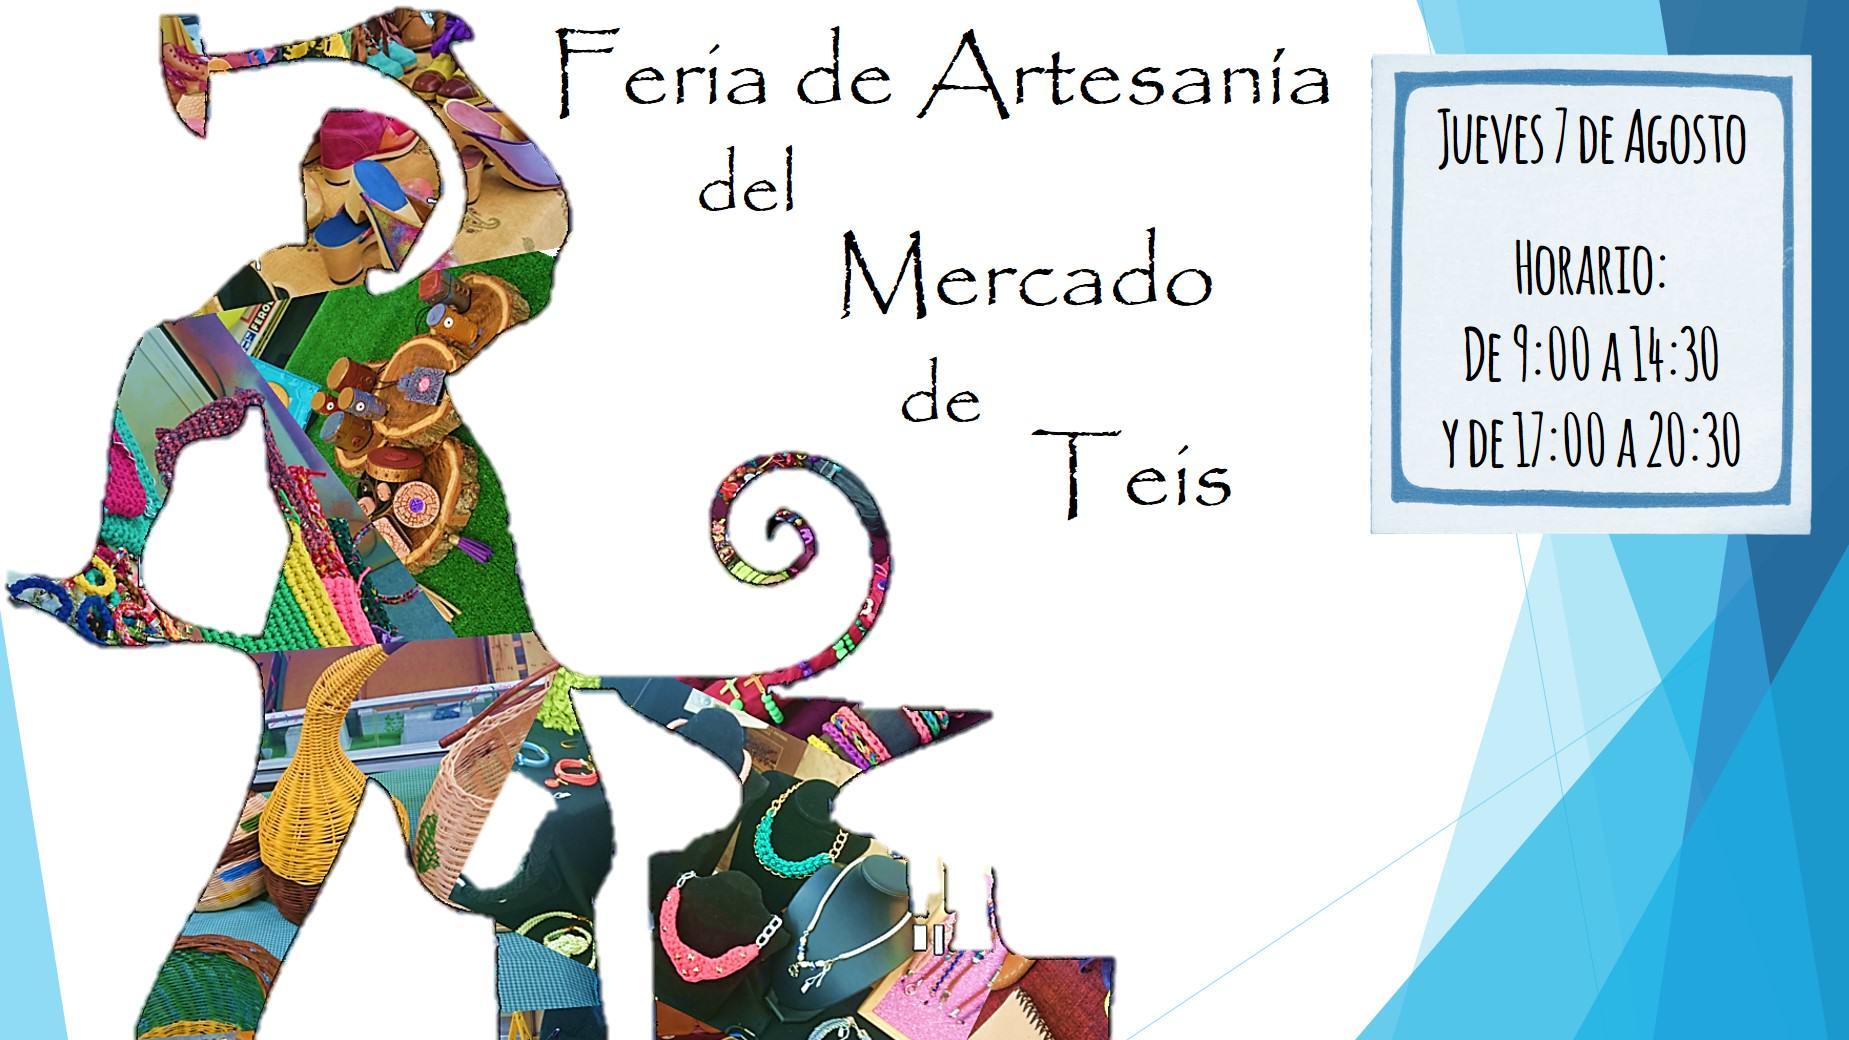 Feria de Artesanía del Mercado de Teís